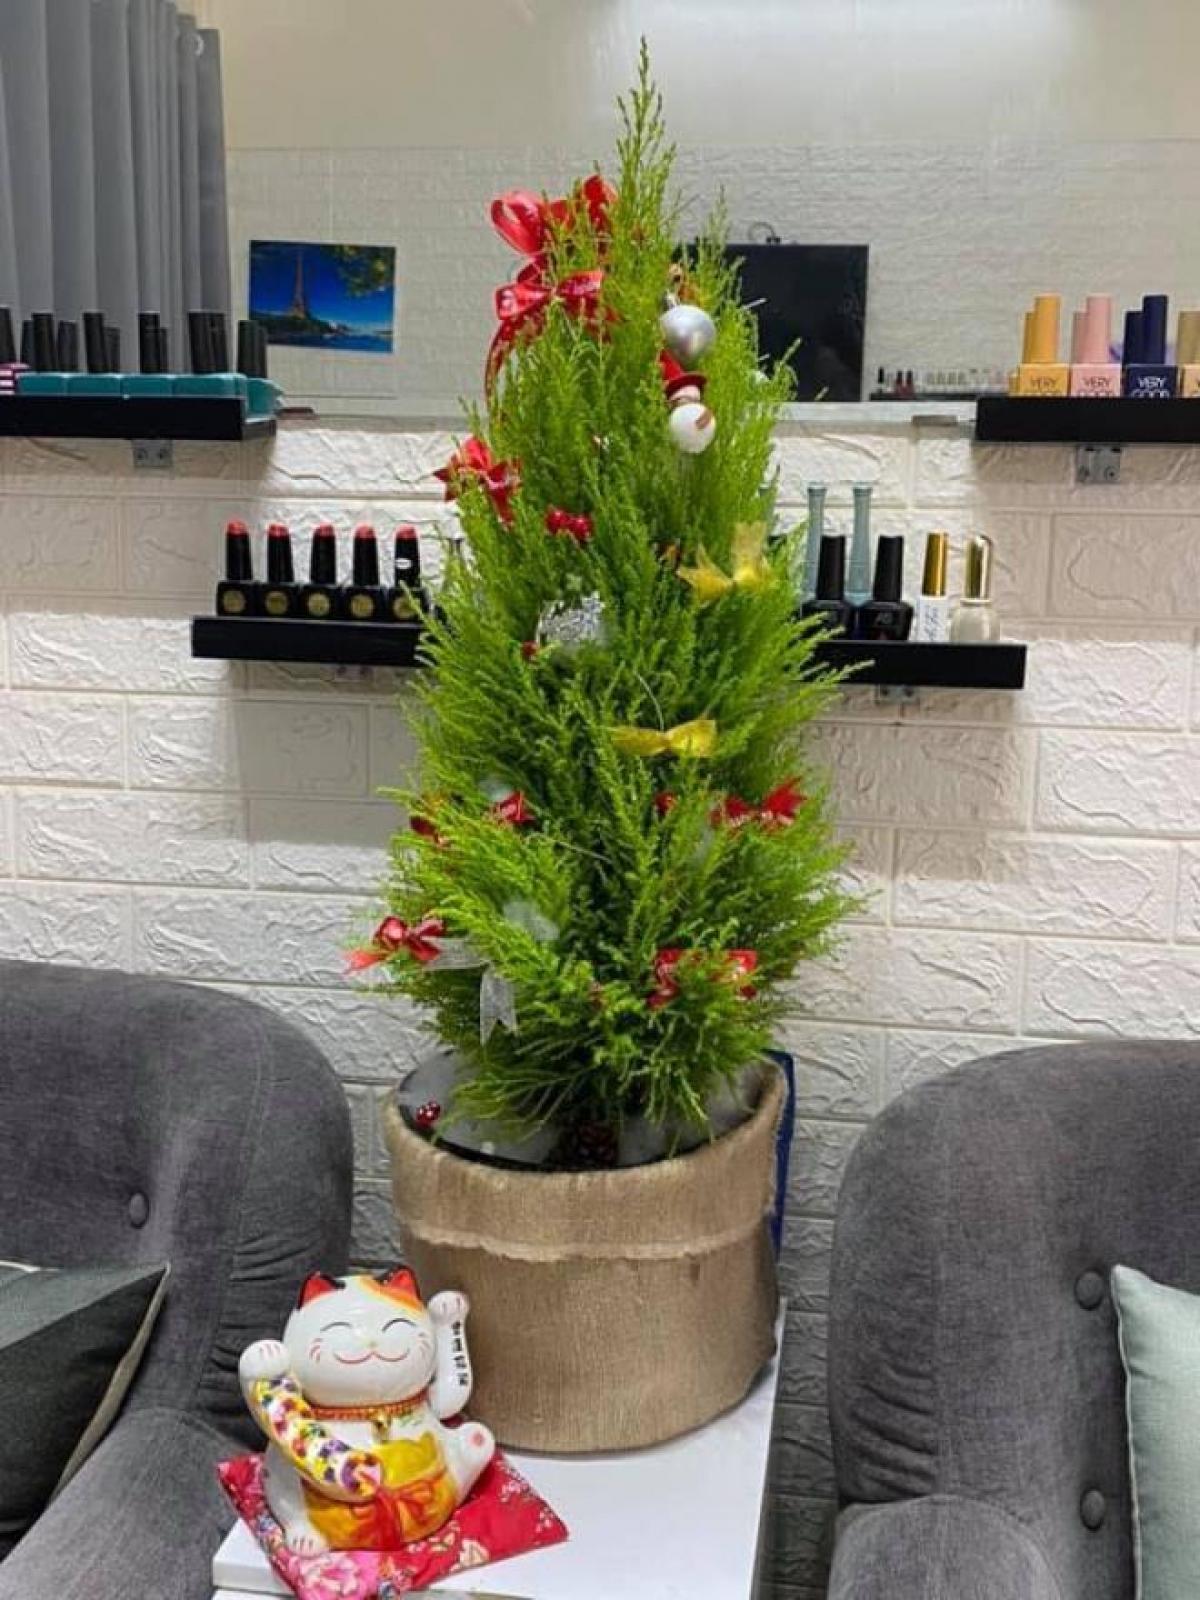 """Bên cạnh cây thông tươi, năm nay, nhiều khách hàng chuyển sang dùng tùng thơm để trang trí Giáng sinh với giá """"mềm"""" hơn rất nhiều. (Ảnh: VTC News)"""